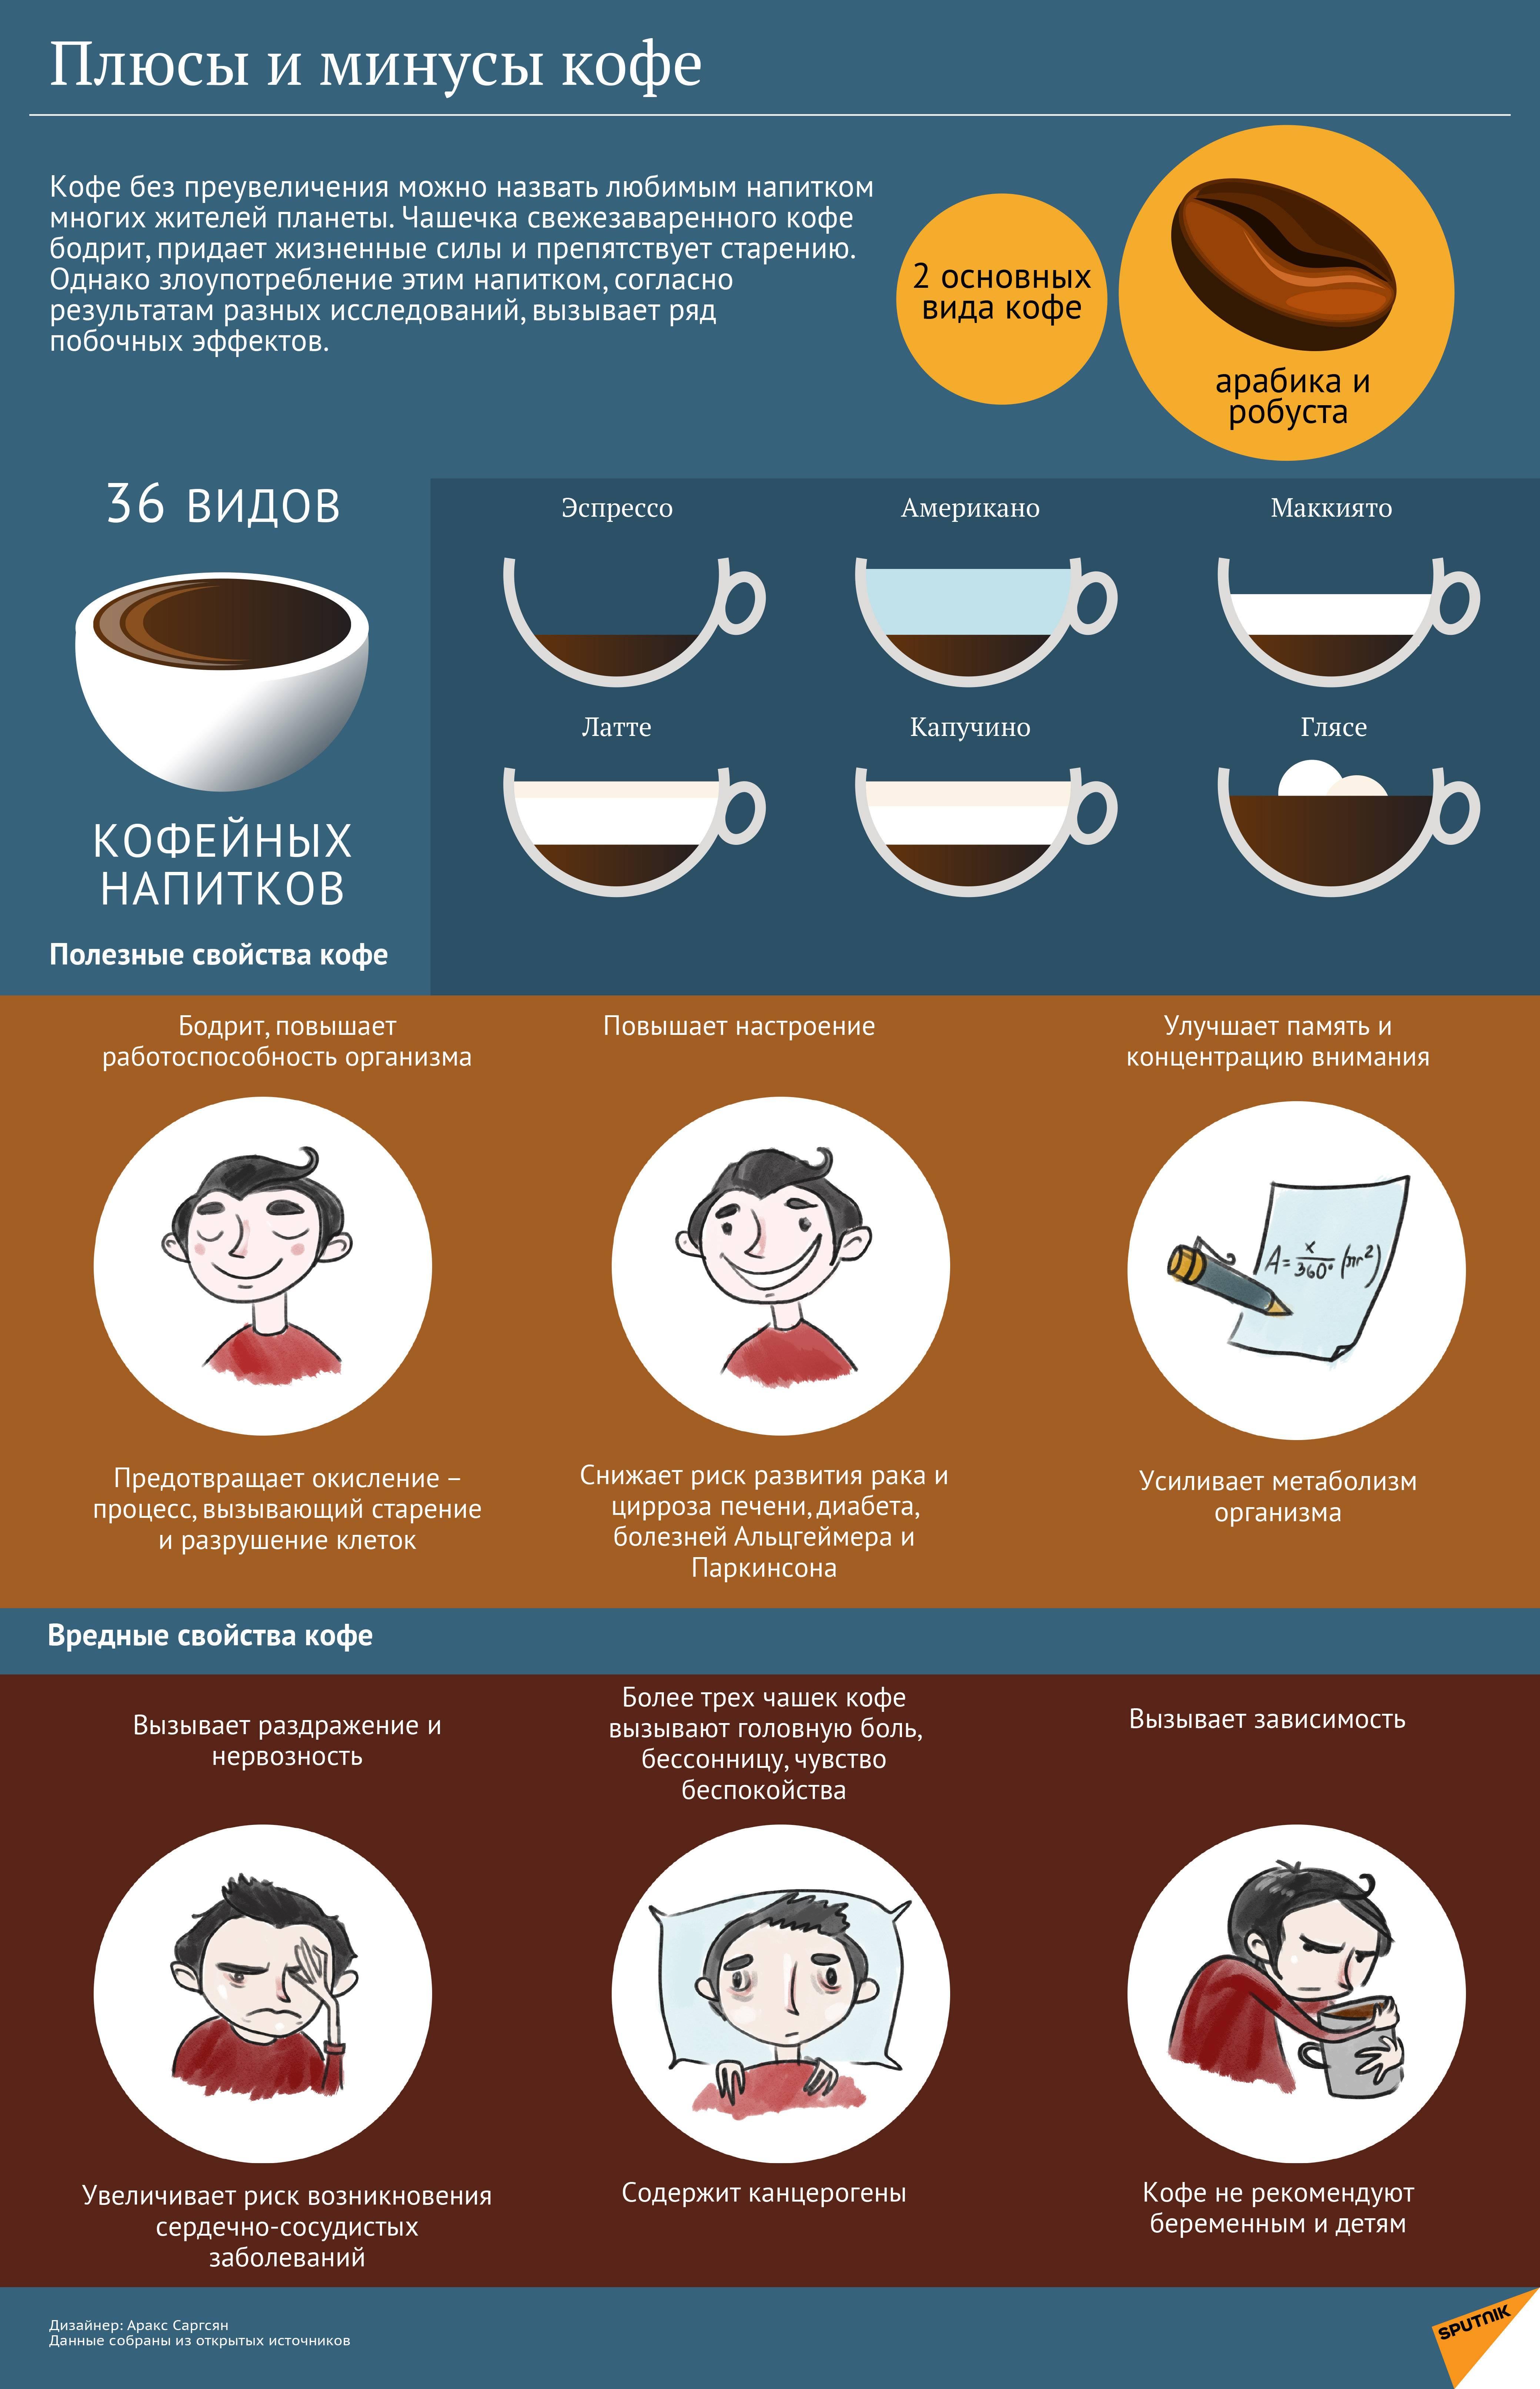 Полезно или вредно пить кофе с коньяком